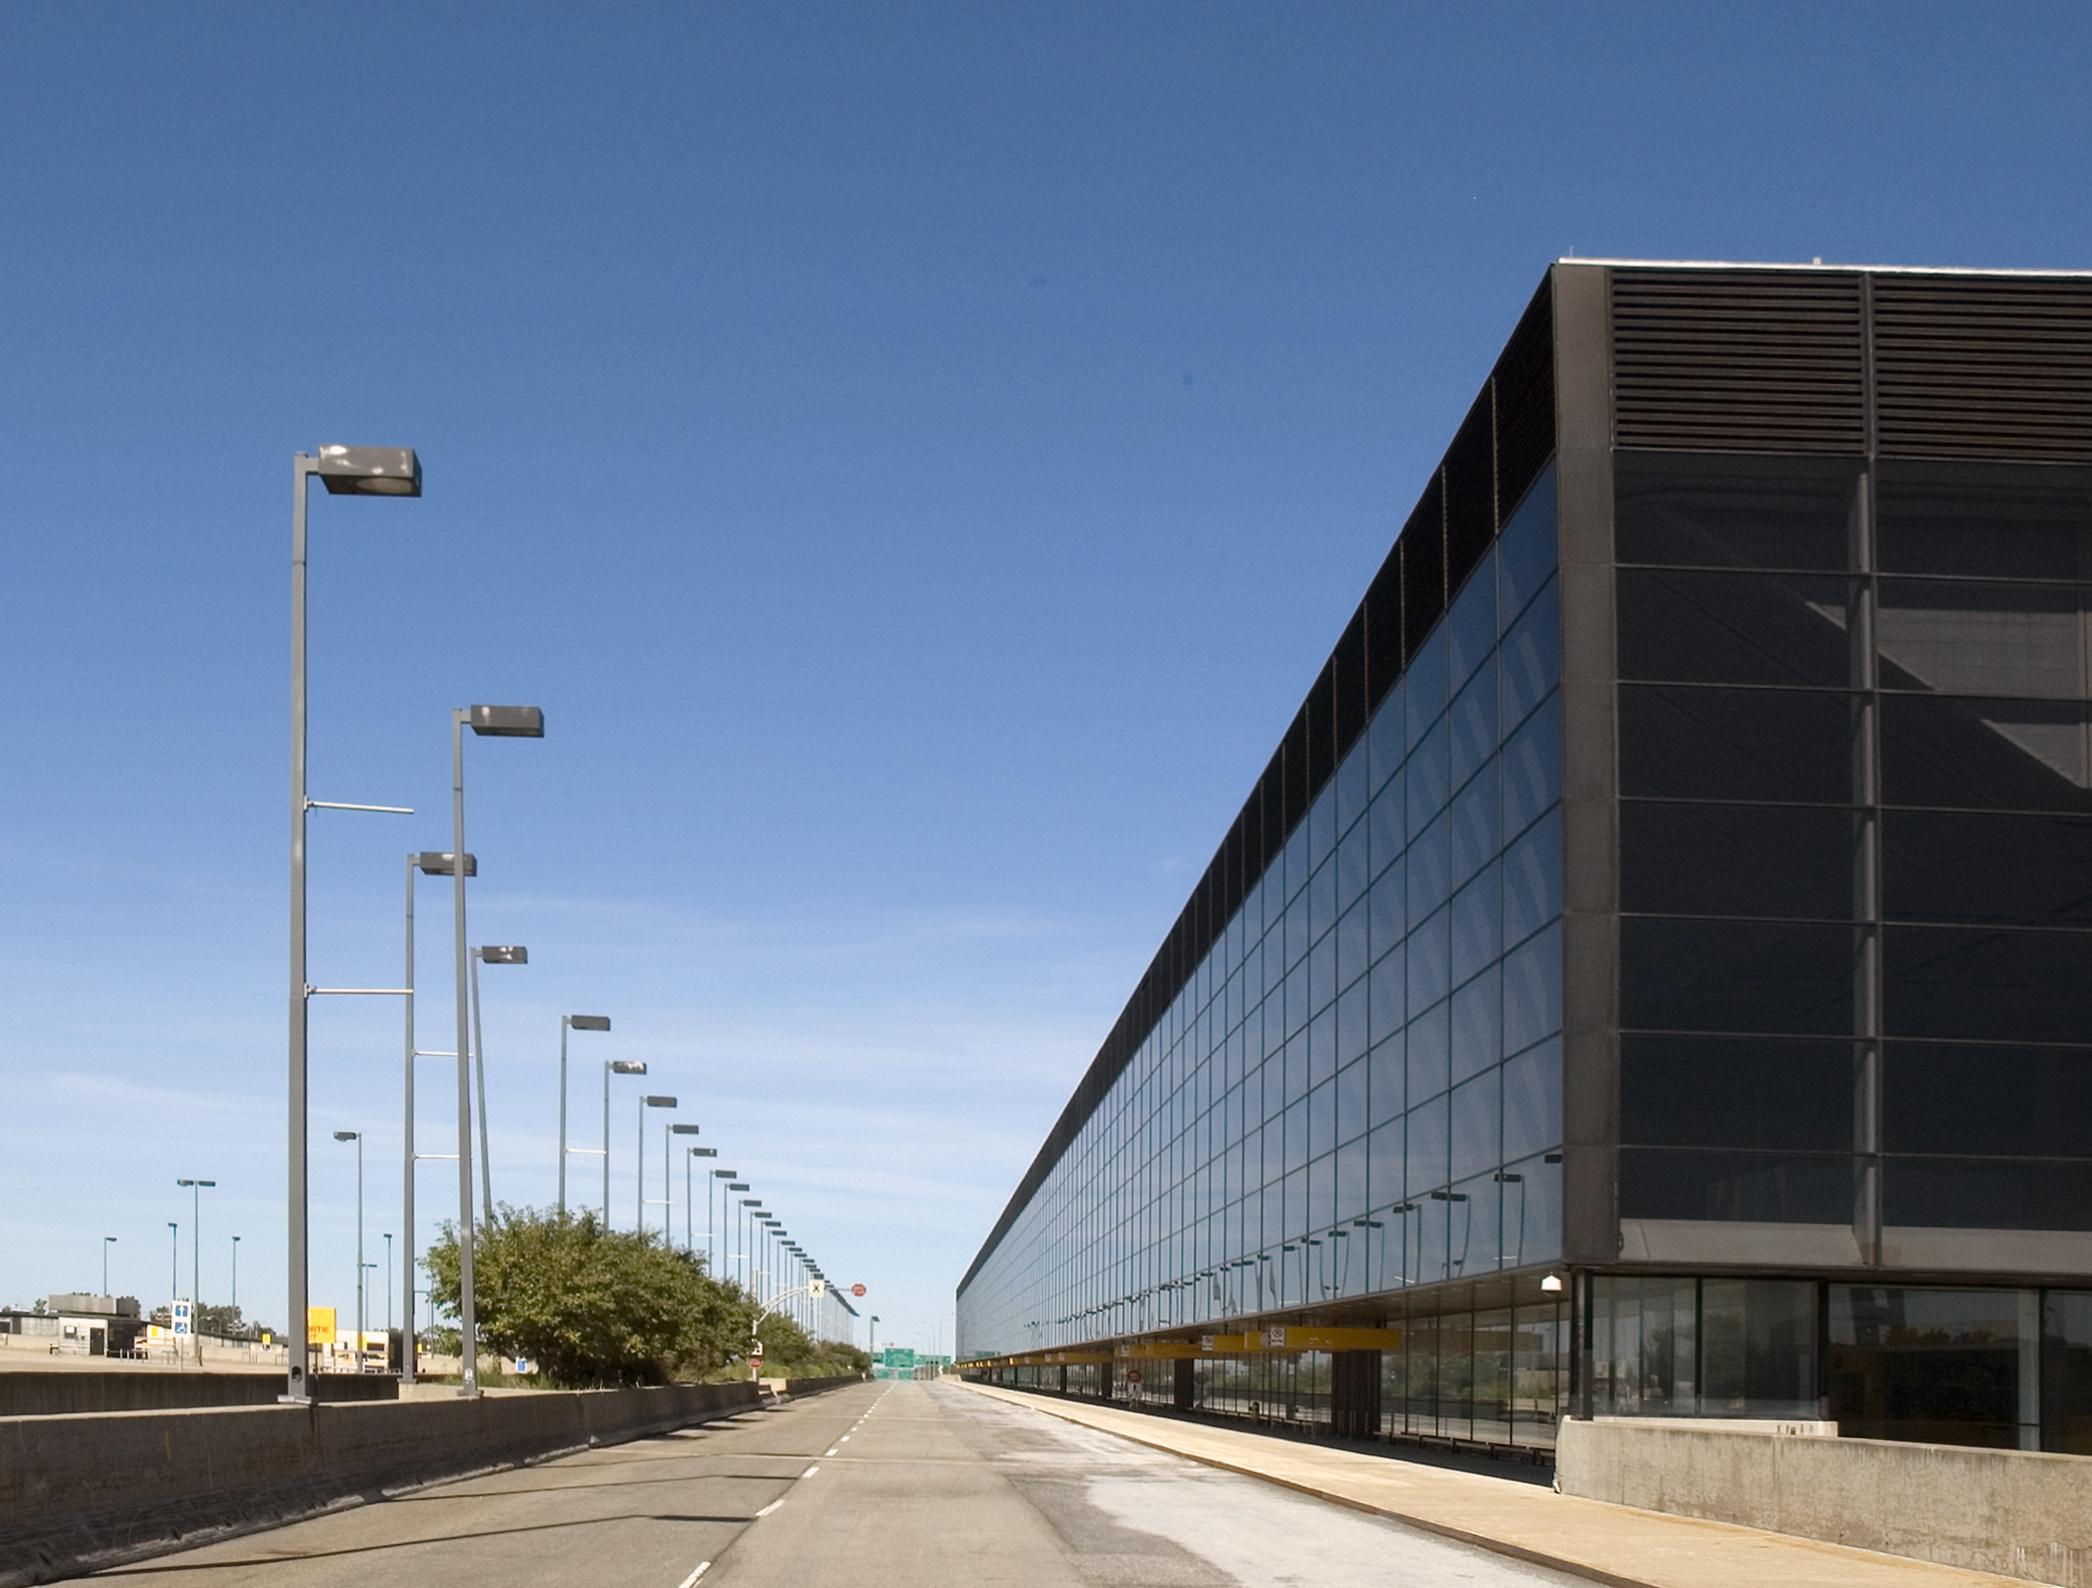 נמל התעופה הבינלאומי מונטריאול מירבל